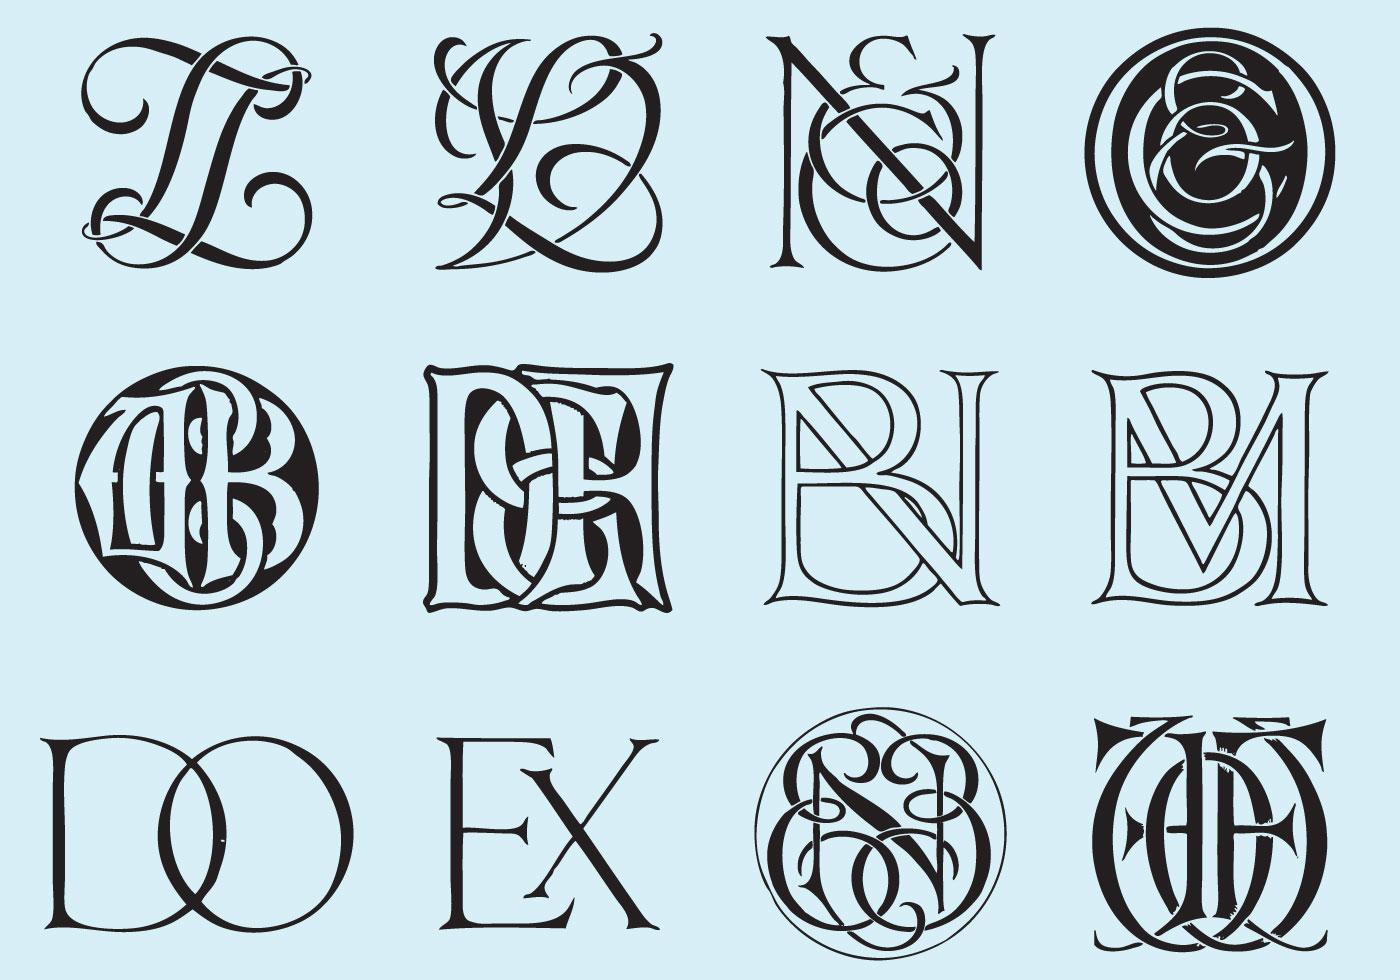 Monogramas clásicos - Descargue Gráficos y Vectores Gratis